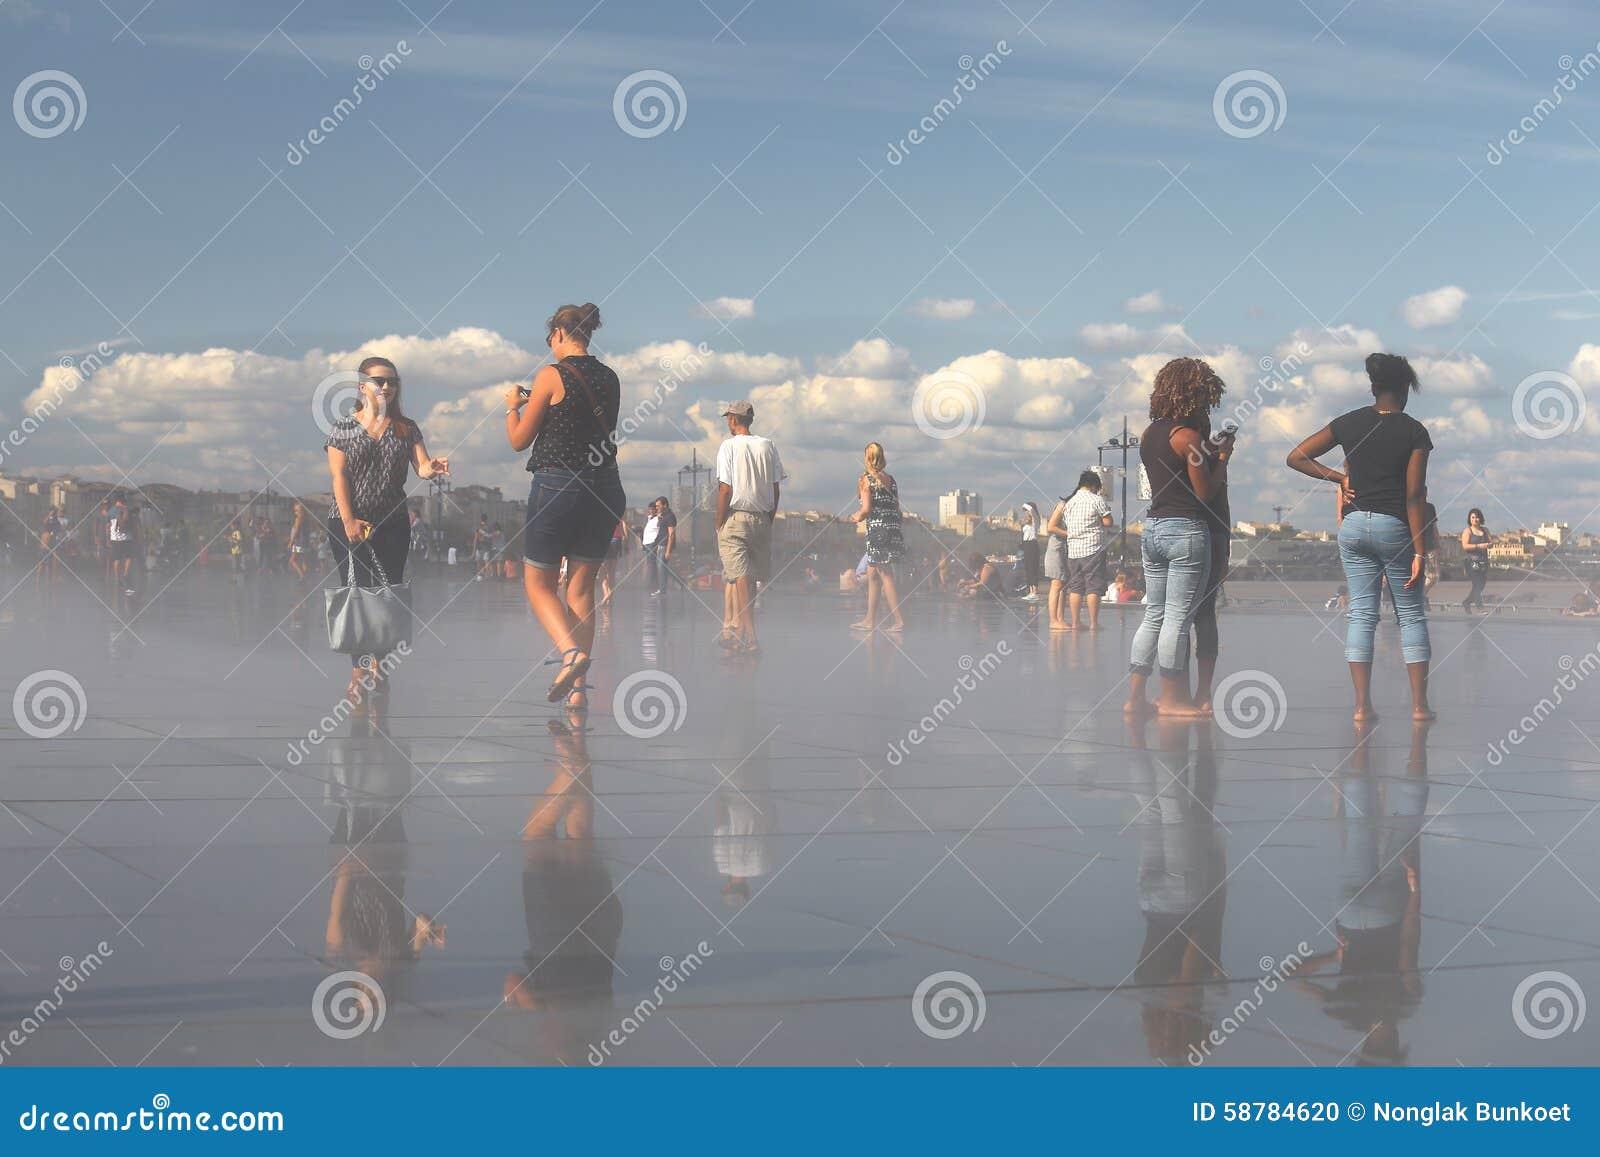 Bordeaux miroir de l 39 eau image ditorial image 58784620 for Miroir de l eau